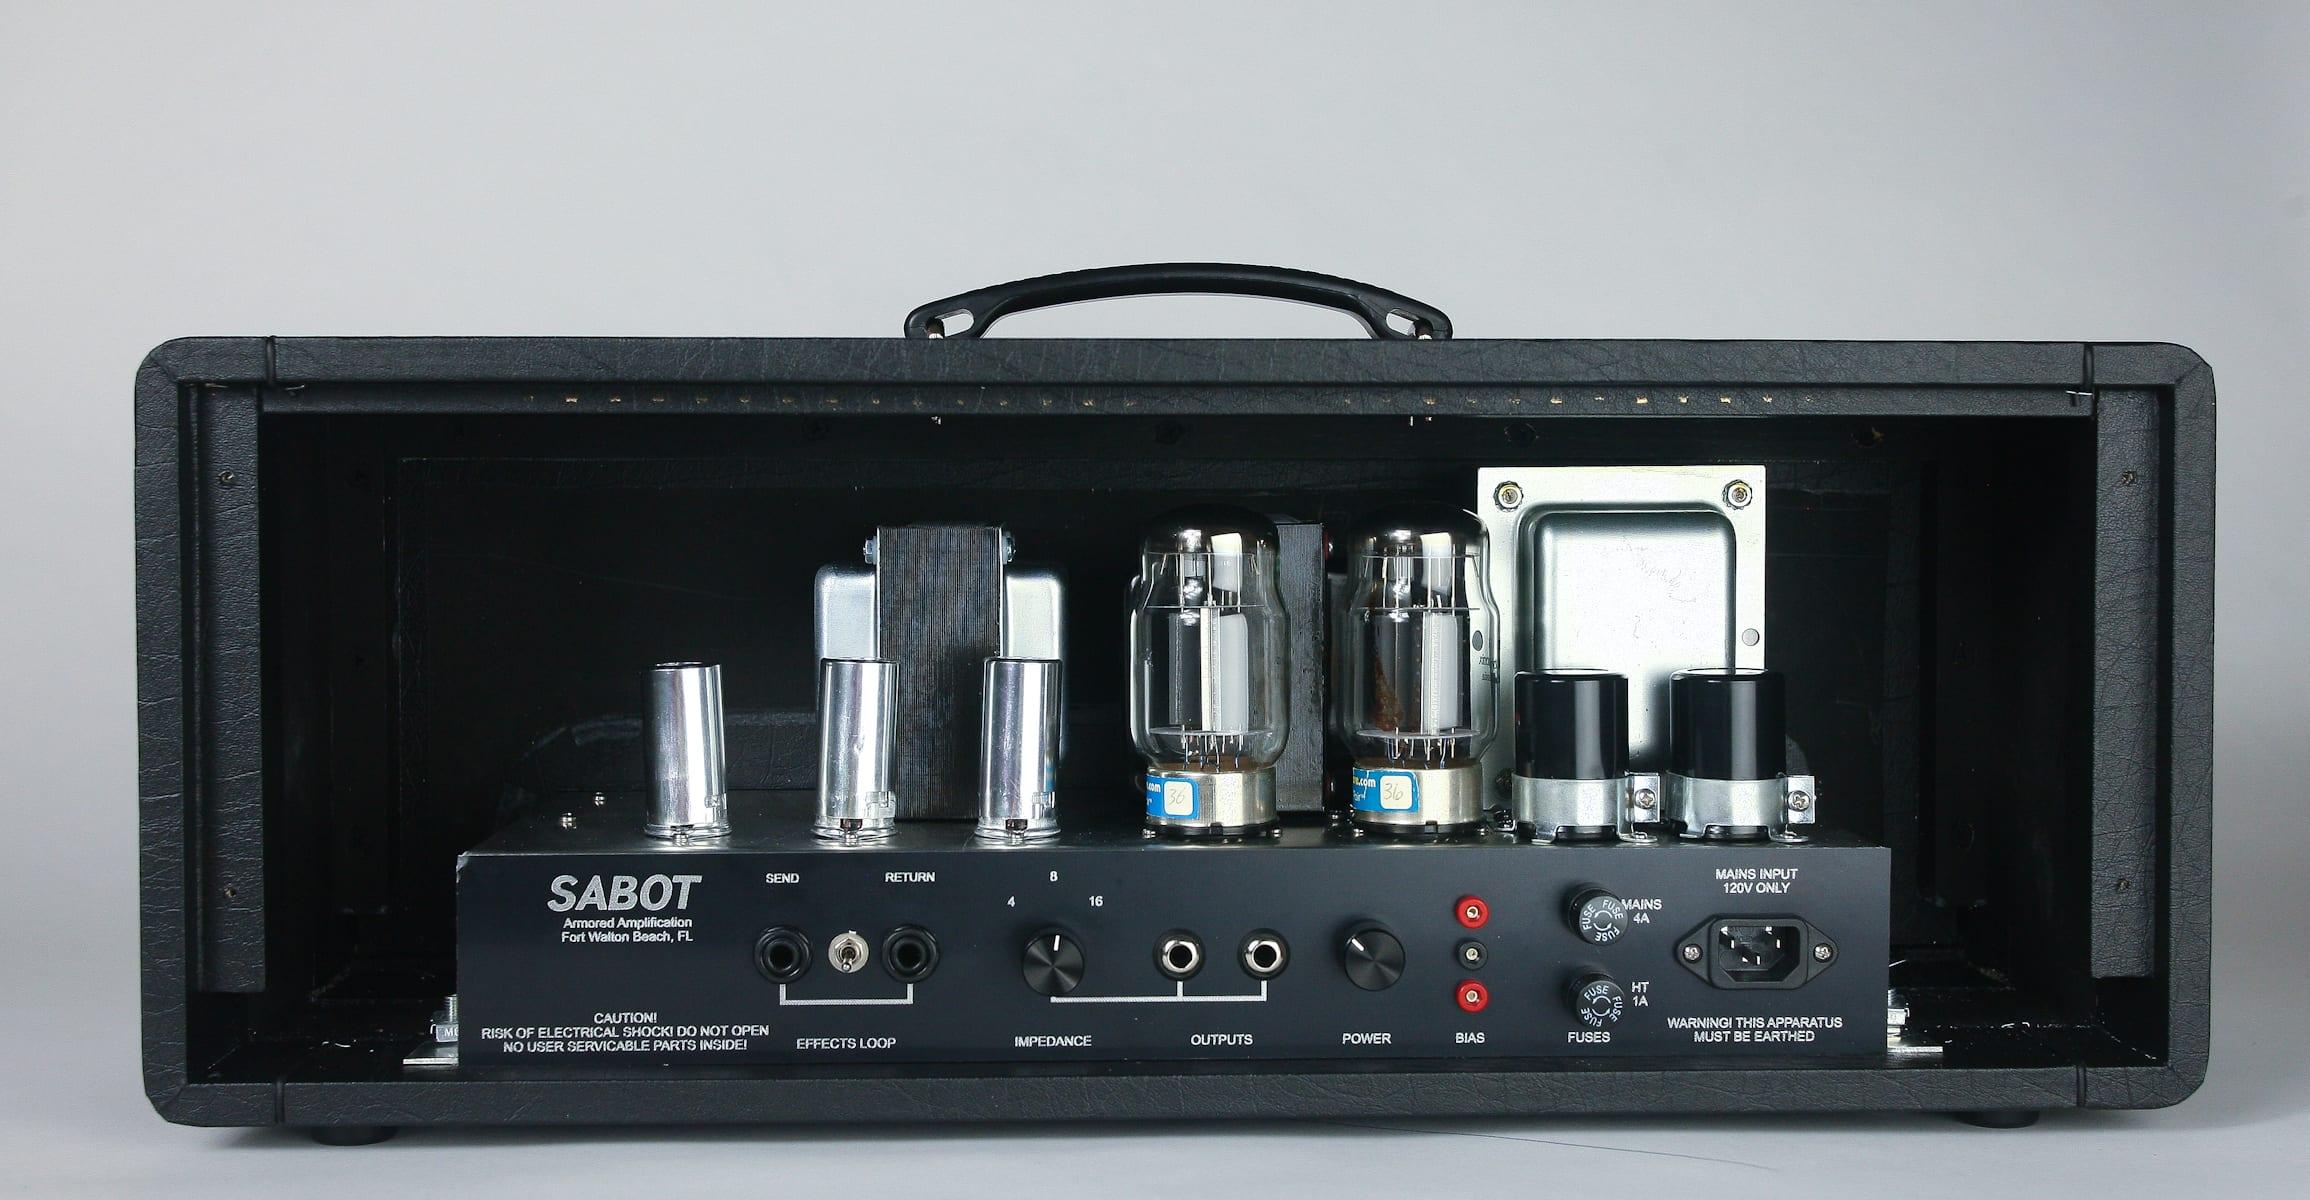 Sabot rear panel